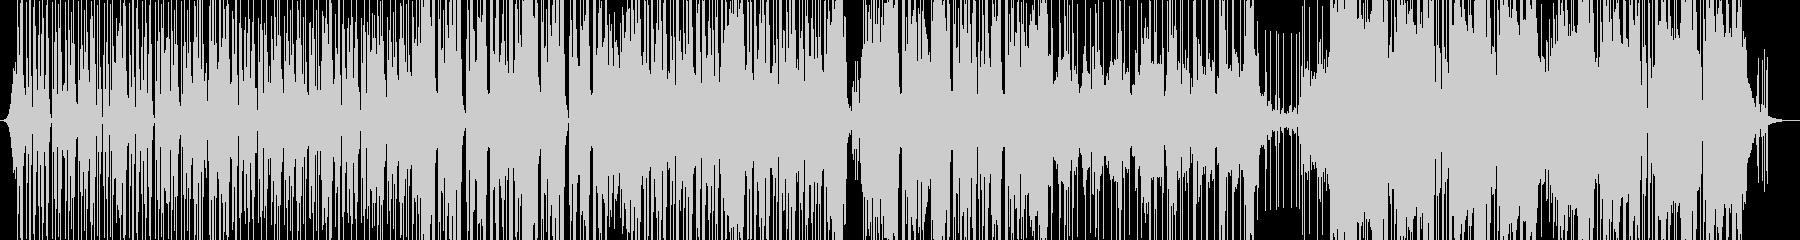 多くのアナログシンセによるエレクト...の未再生の波形